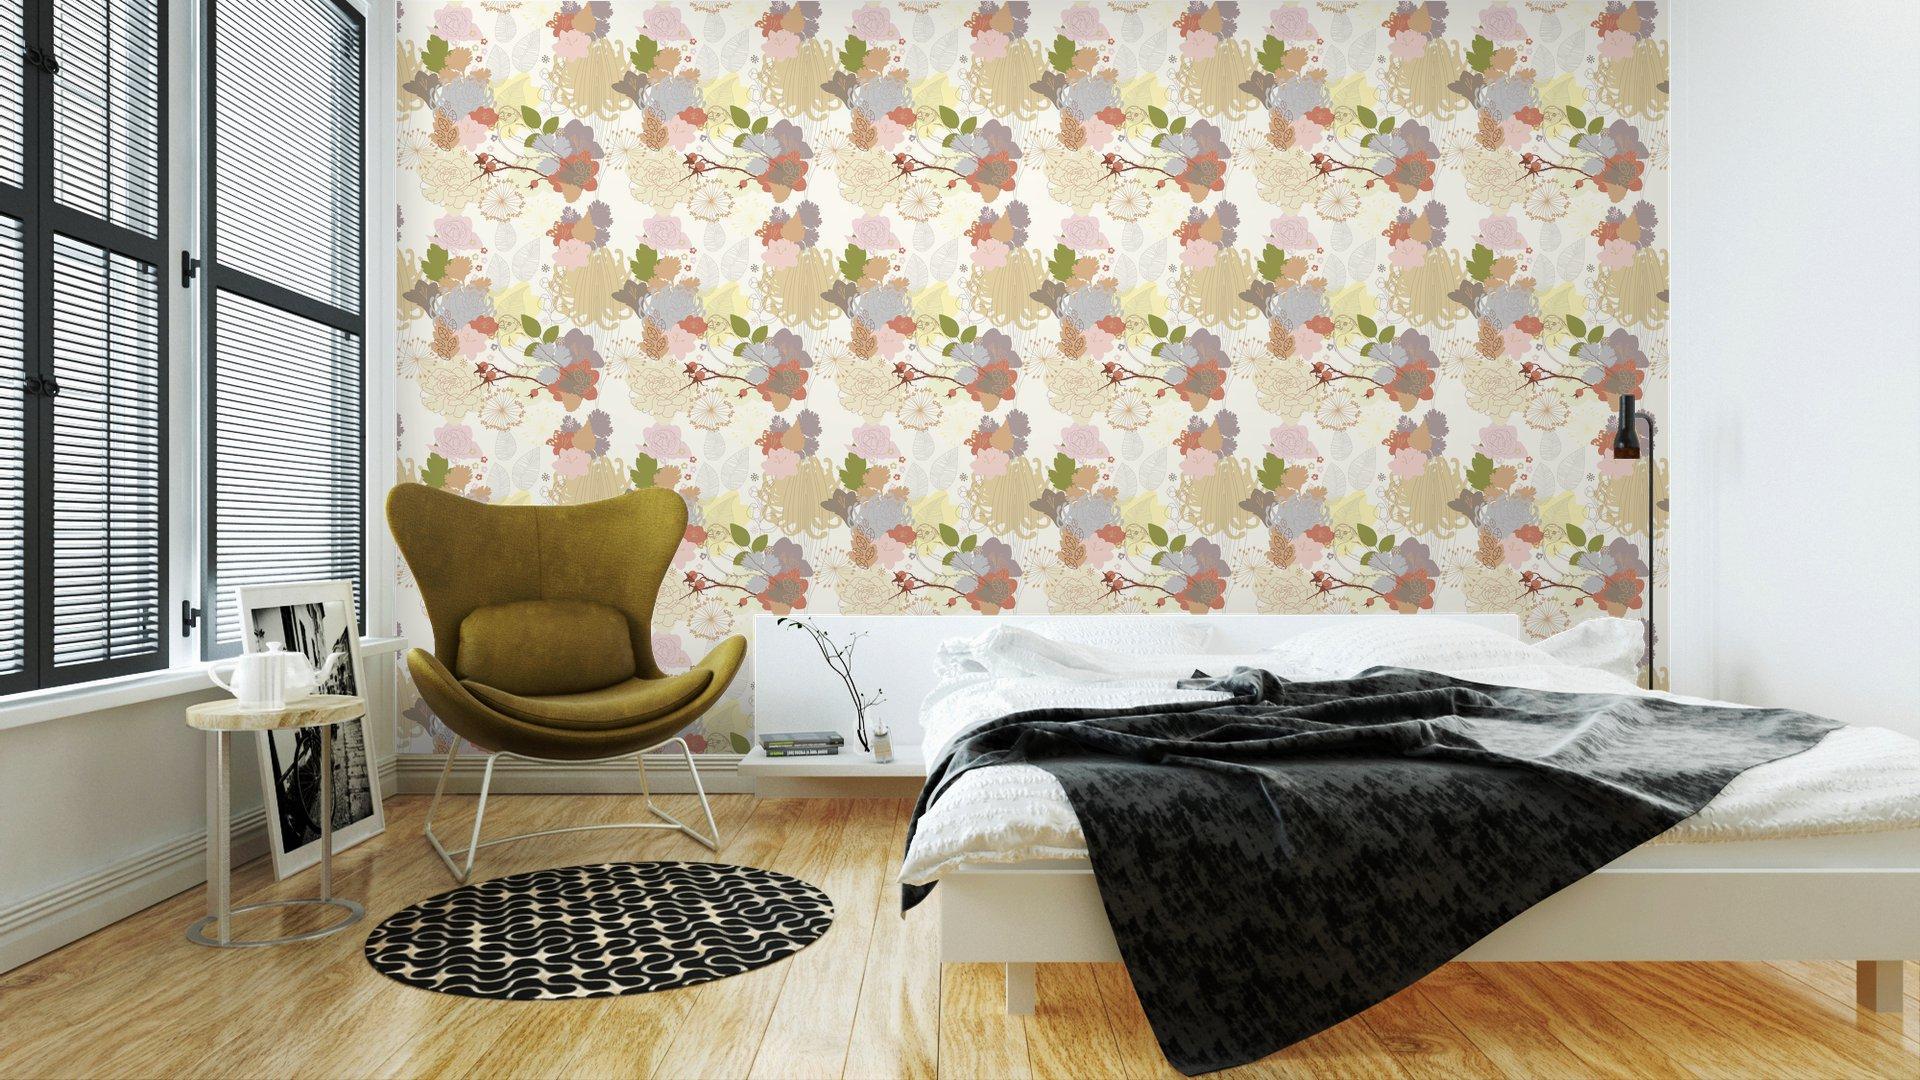 Fotomurales mexico papeles pintados de fondo sin fisuras con el ornamento botanico abstracto 3 - Papel Tapiz Floral Abstracto en Fondo Blanco 01